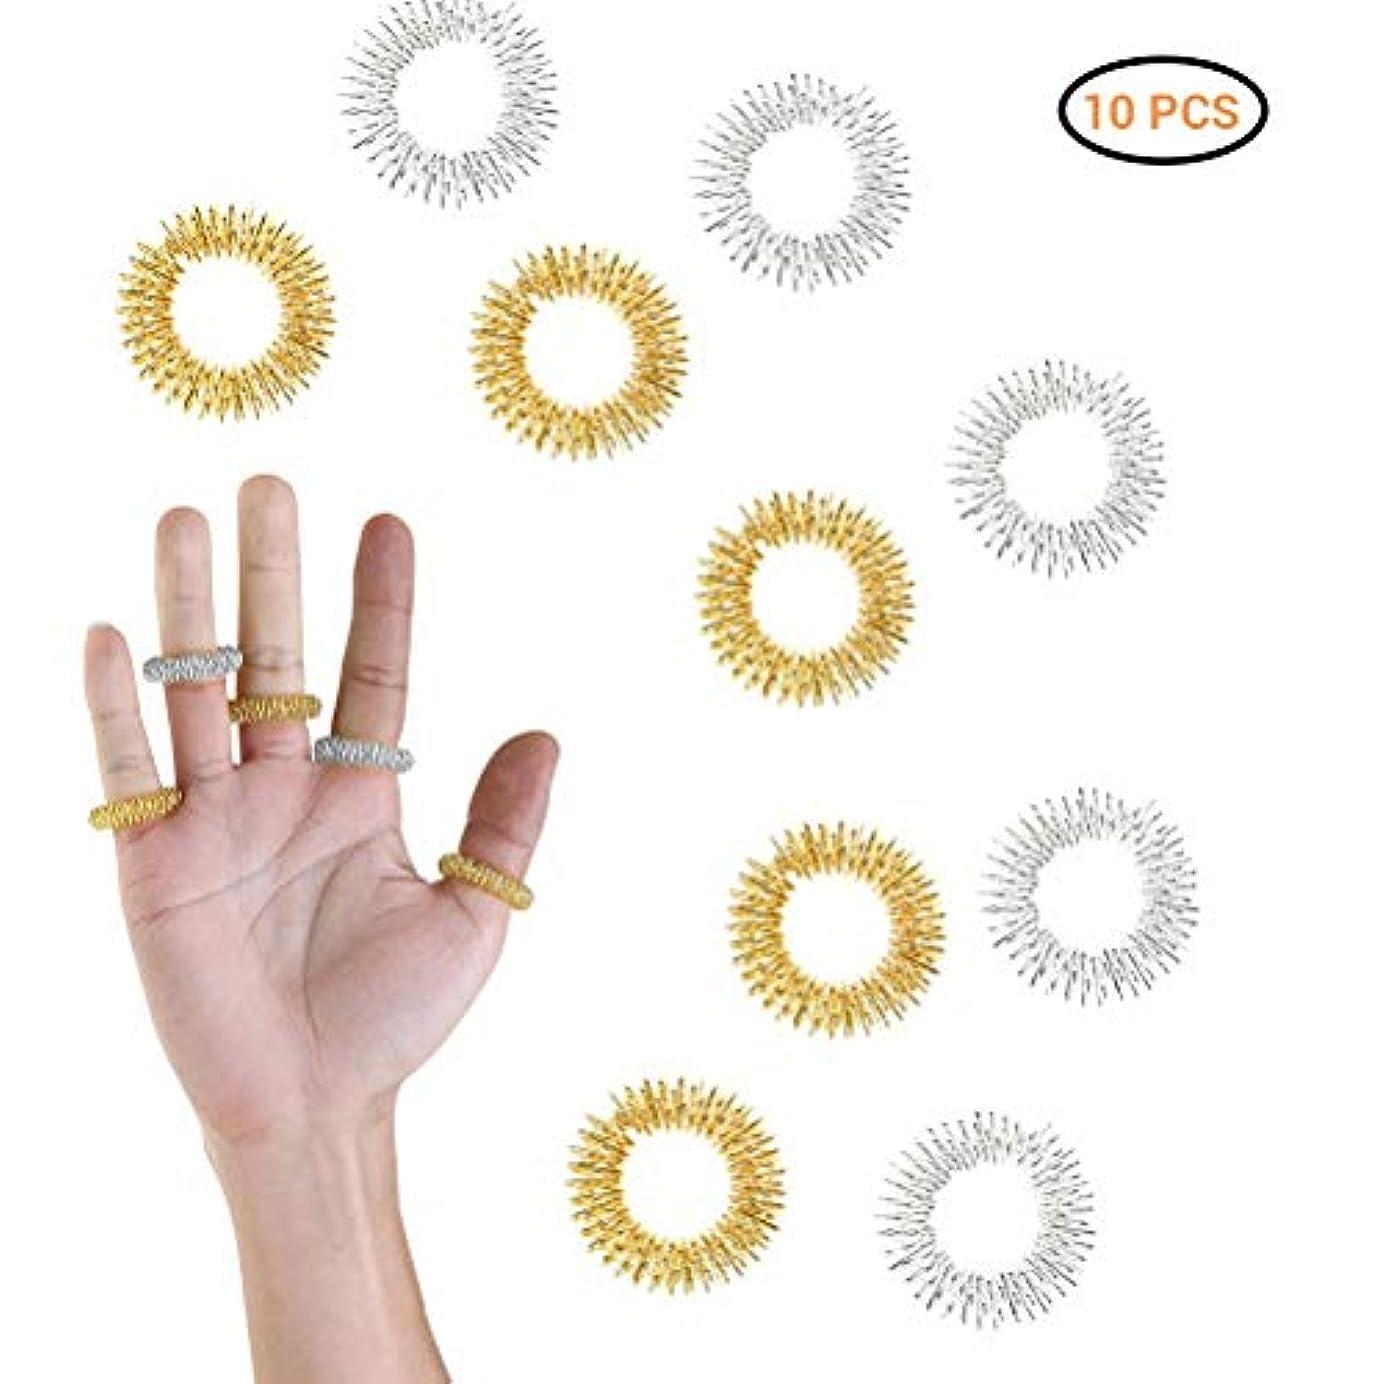 インデックス有効いつかCreacom マッサージ指輪 リング 10点セット 爪もみリング 血液循環促進 ストレス解消 リリース 筋肉緊張和らげ 携帯便利 使用簡単 お年寄り 男女兼用 プレゼント